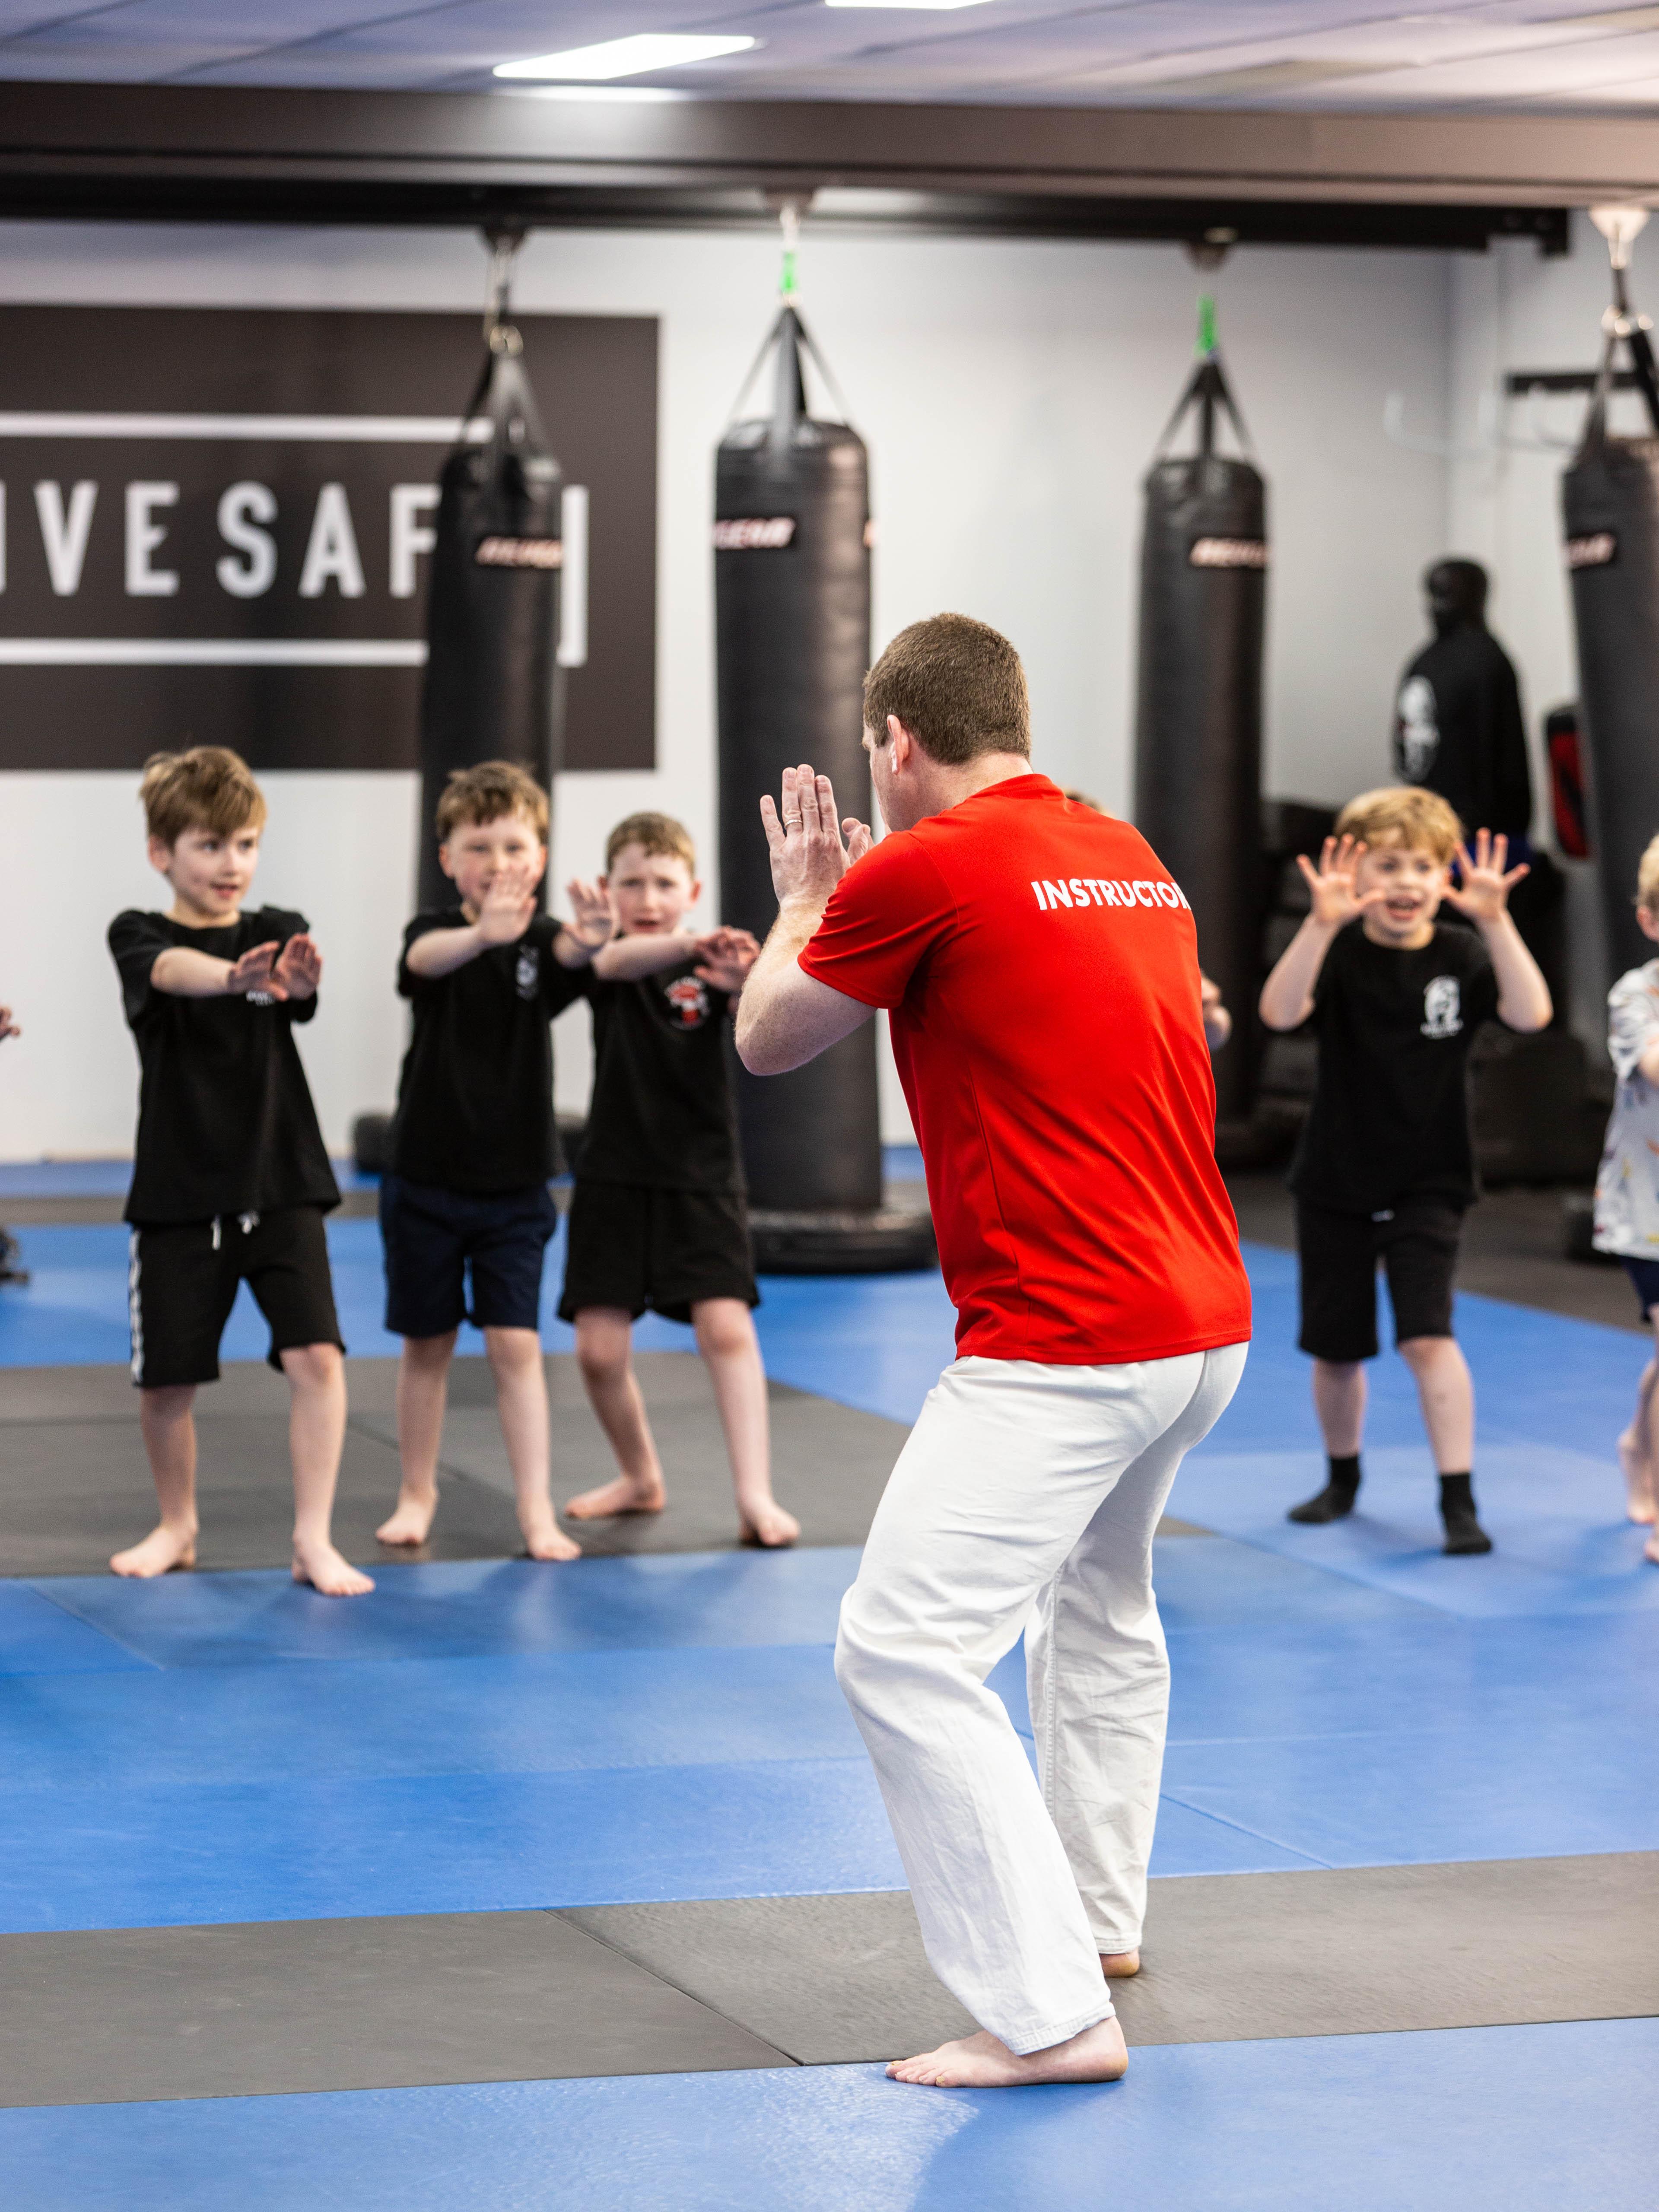 Krav maga instructor leading class of children